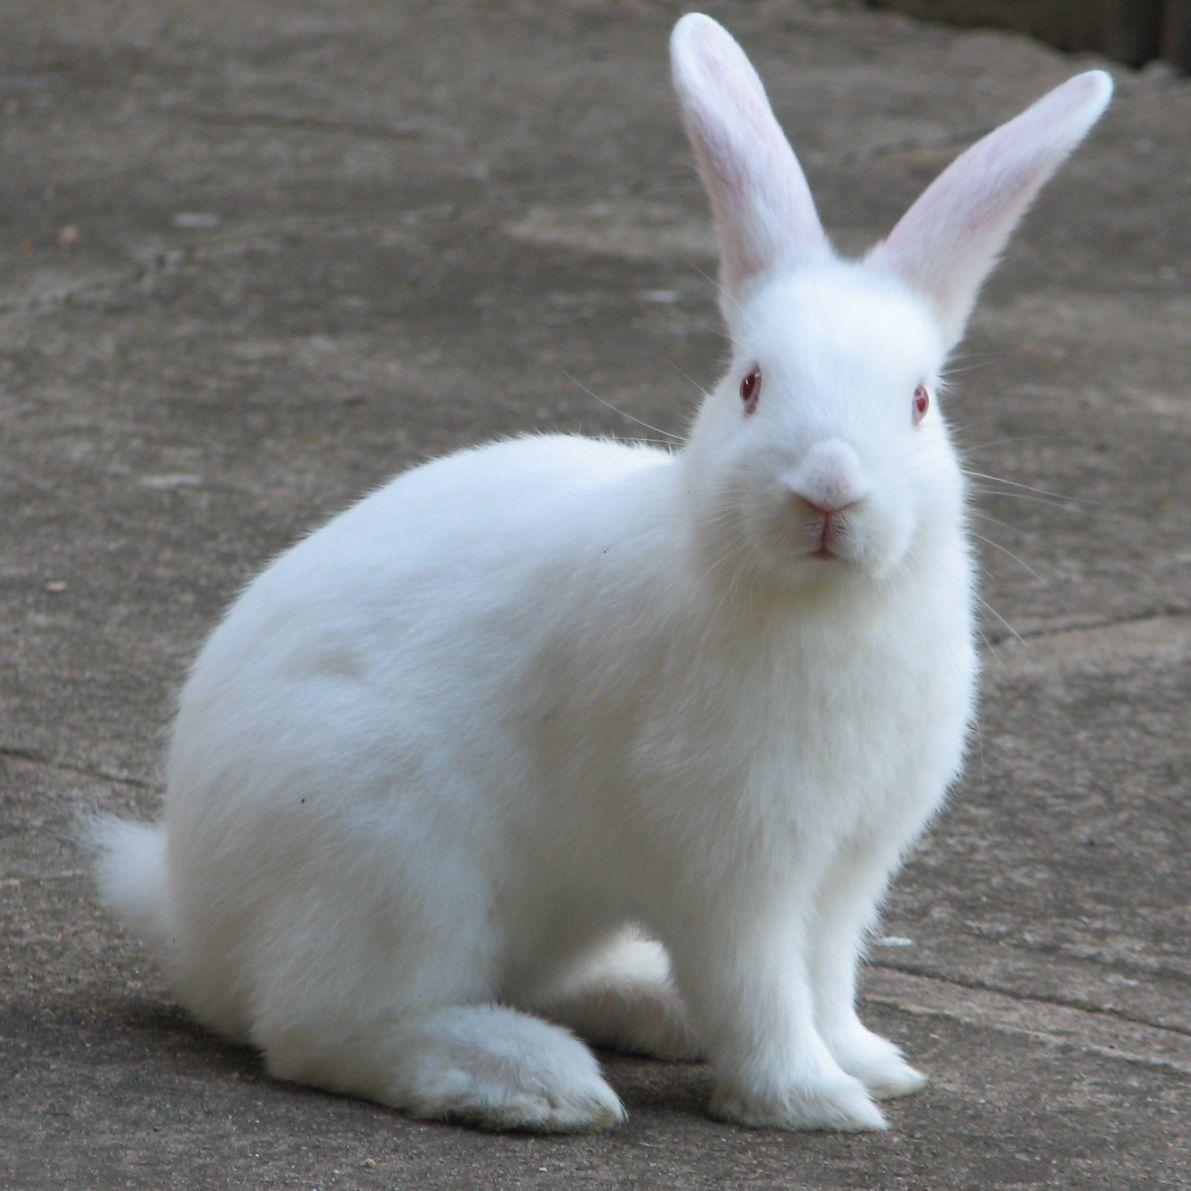 bunnycrop 56a26cc95f9b58b7d0ca1faf